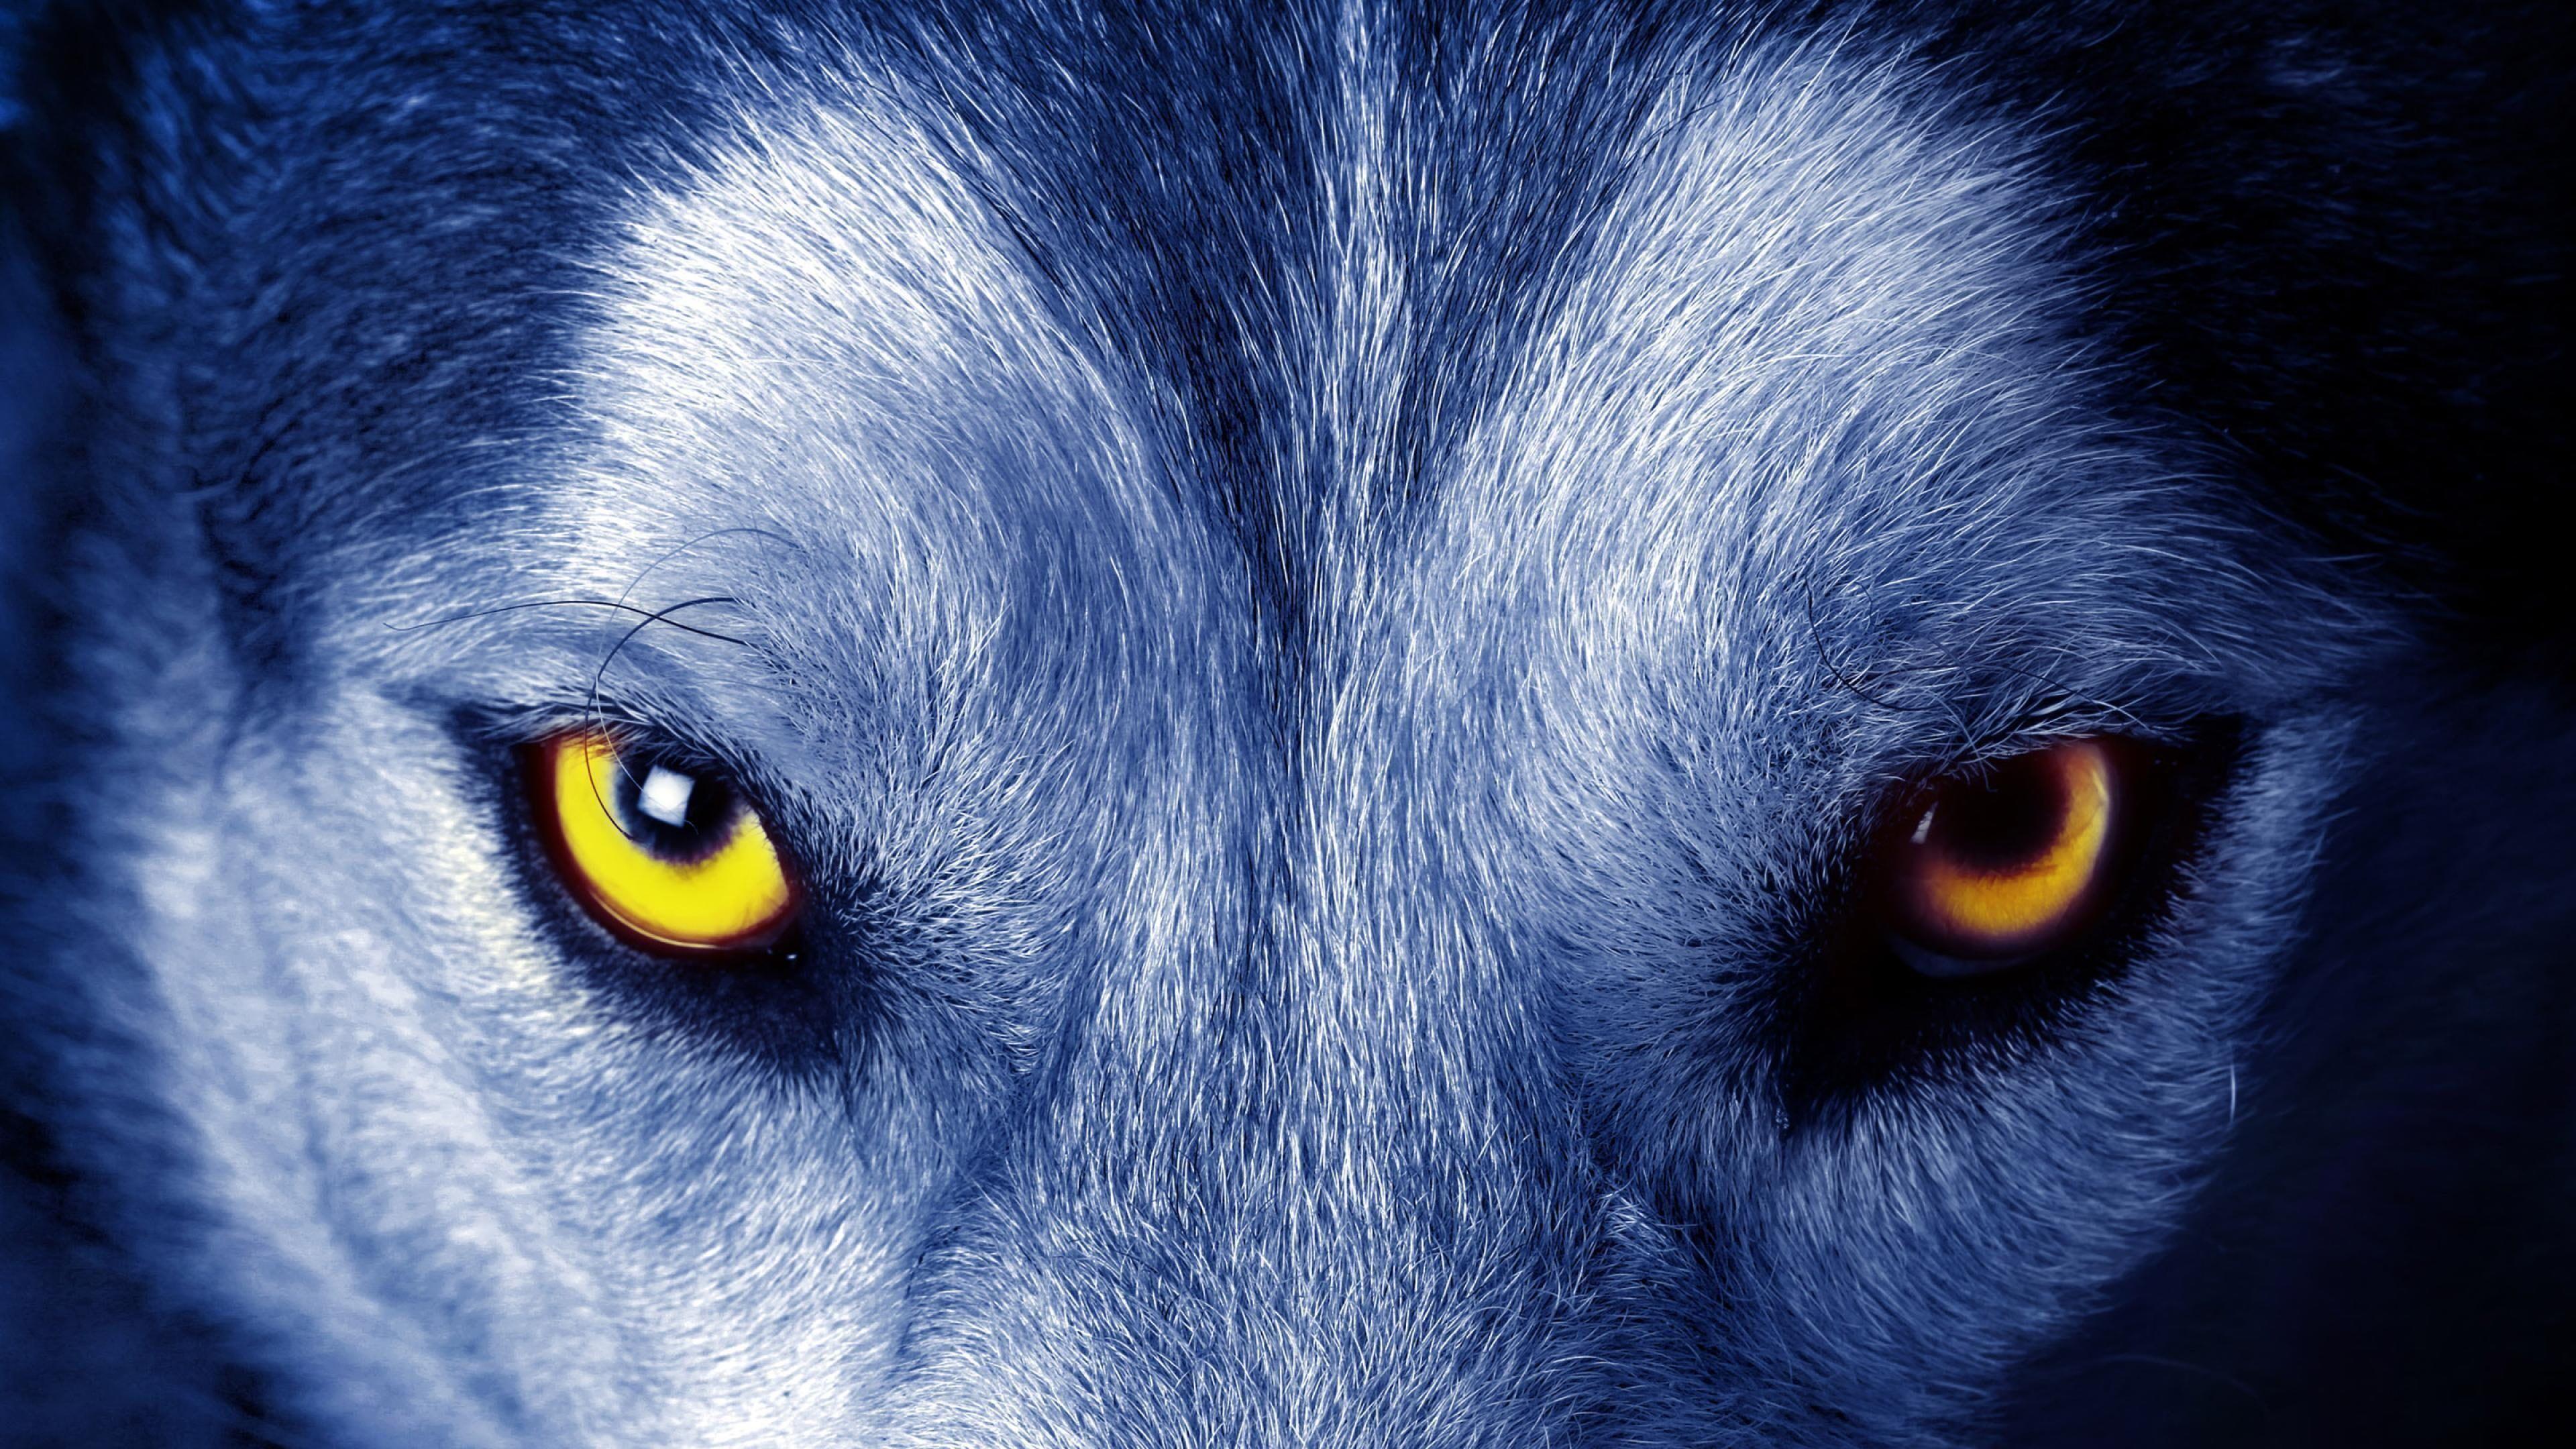 Yellow Wolf Eyes Eye Eyes Look Wild Wild Animal 4k Wallpaper